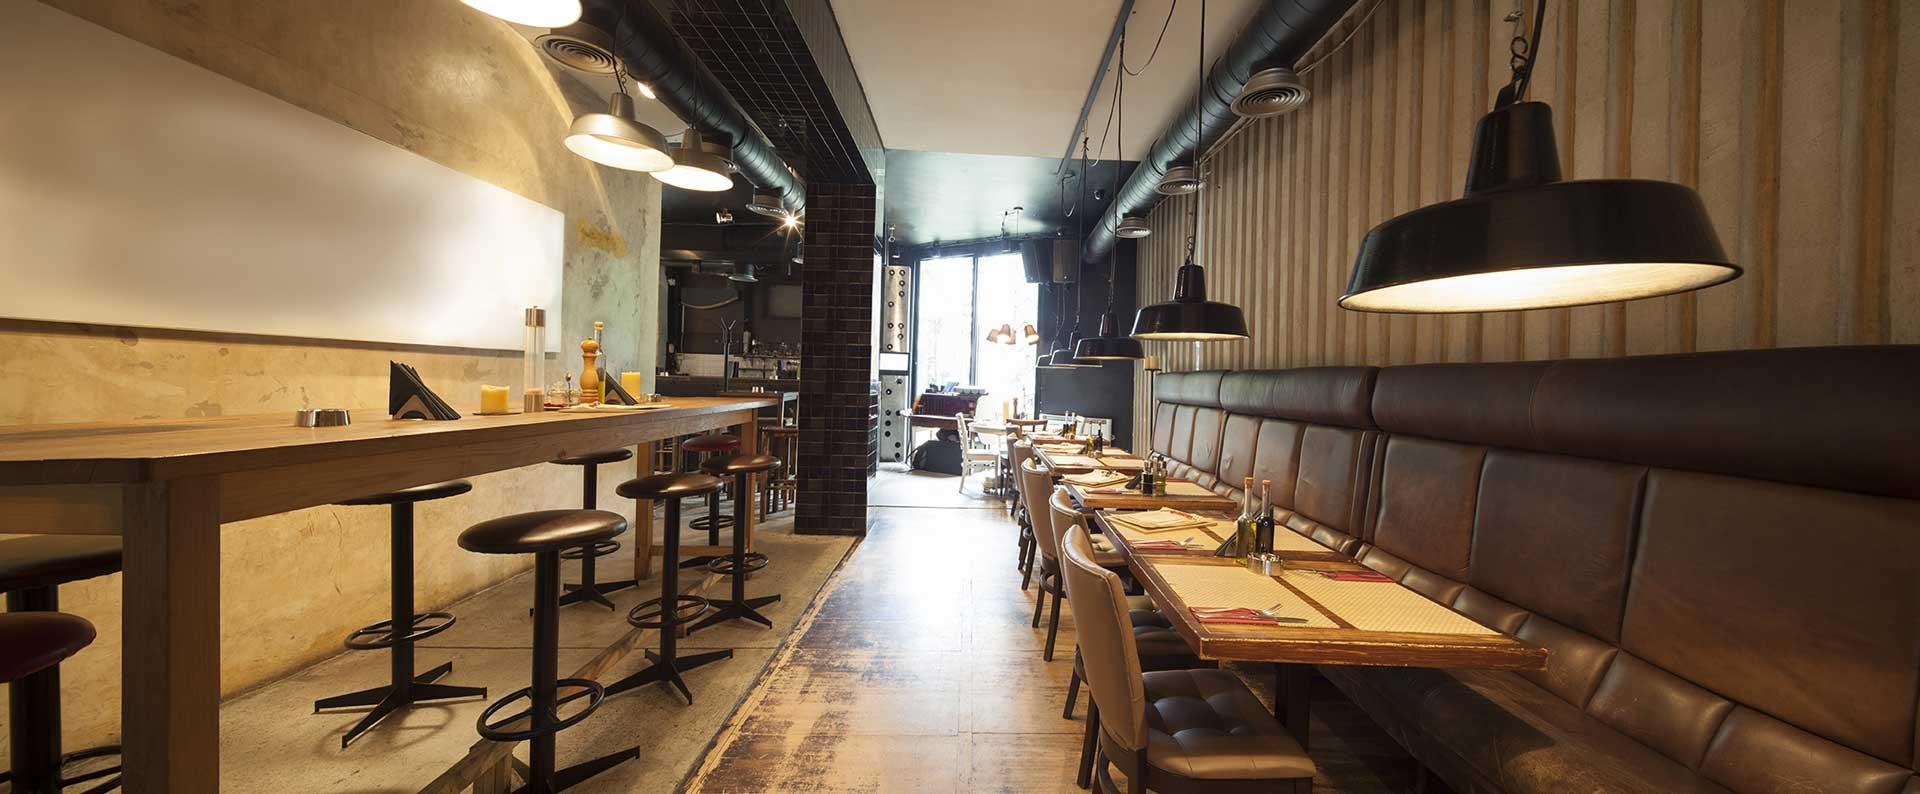 Toledo Restaurants 2019